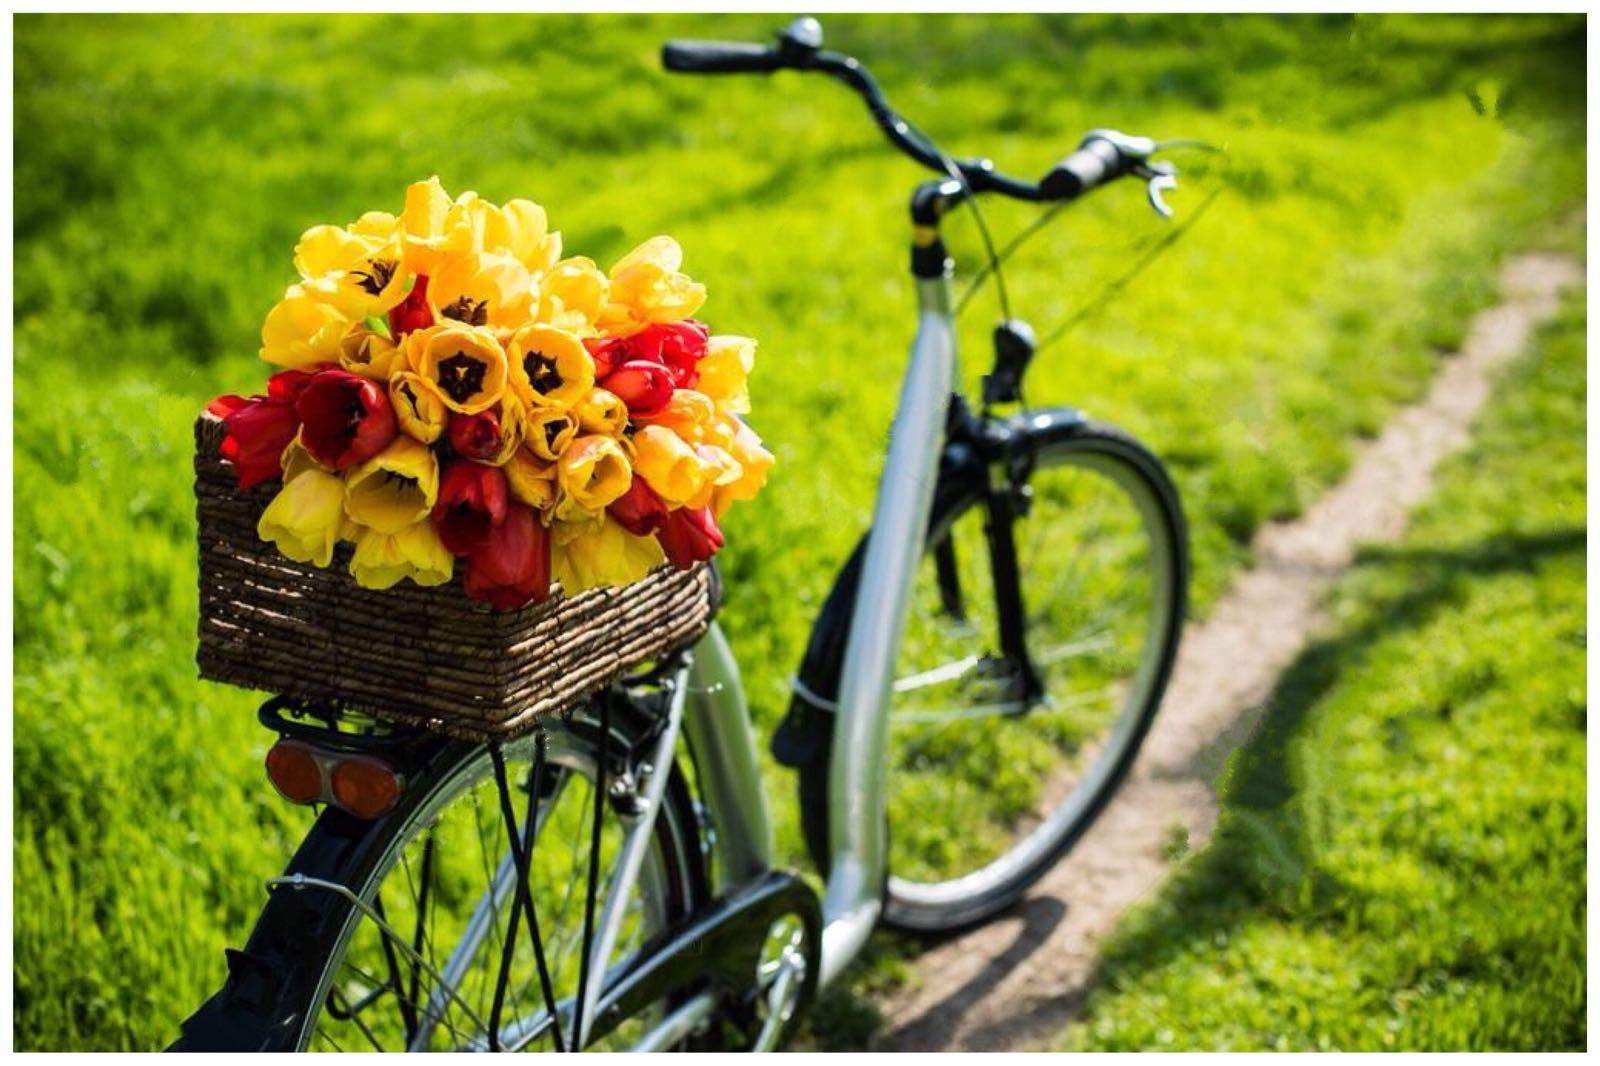 I-lavori-in-giardino-a-settembre-la-cura-e-i-fiori-da-seminare